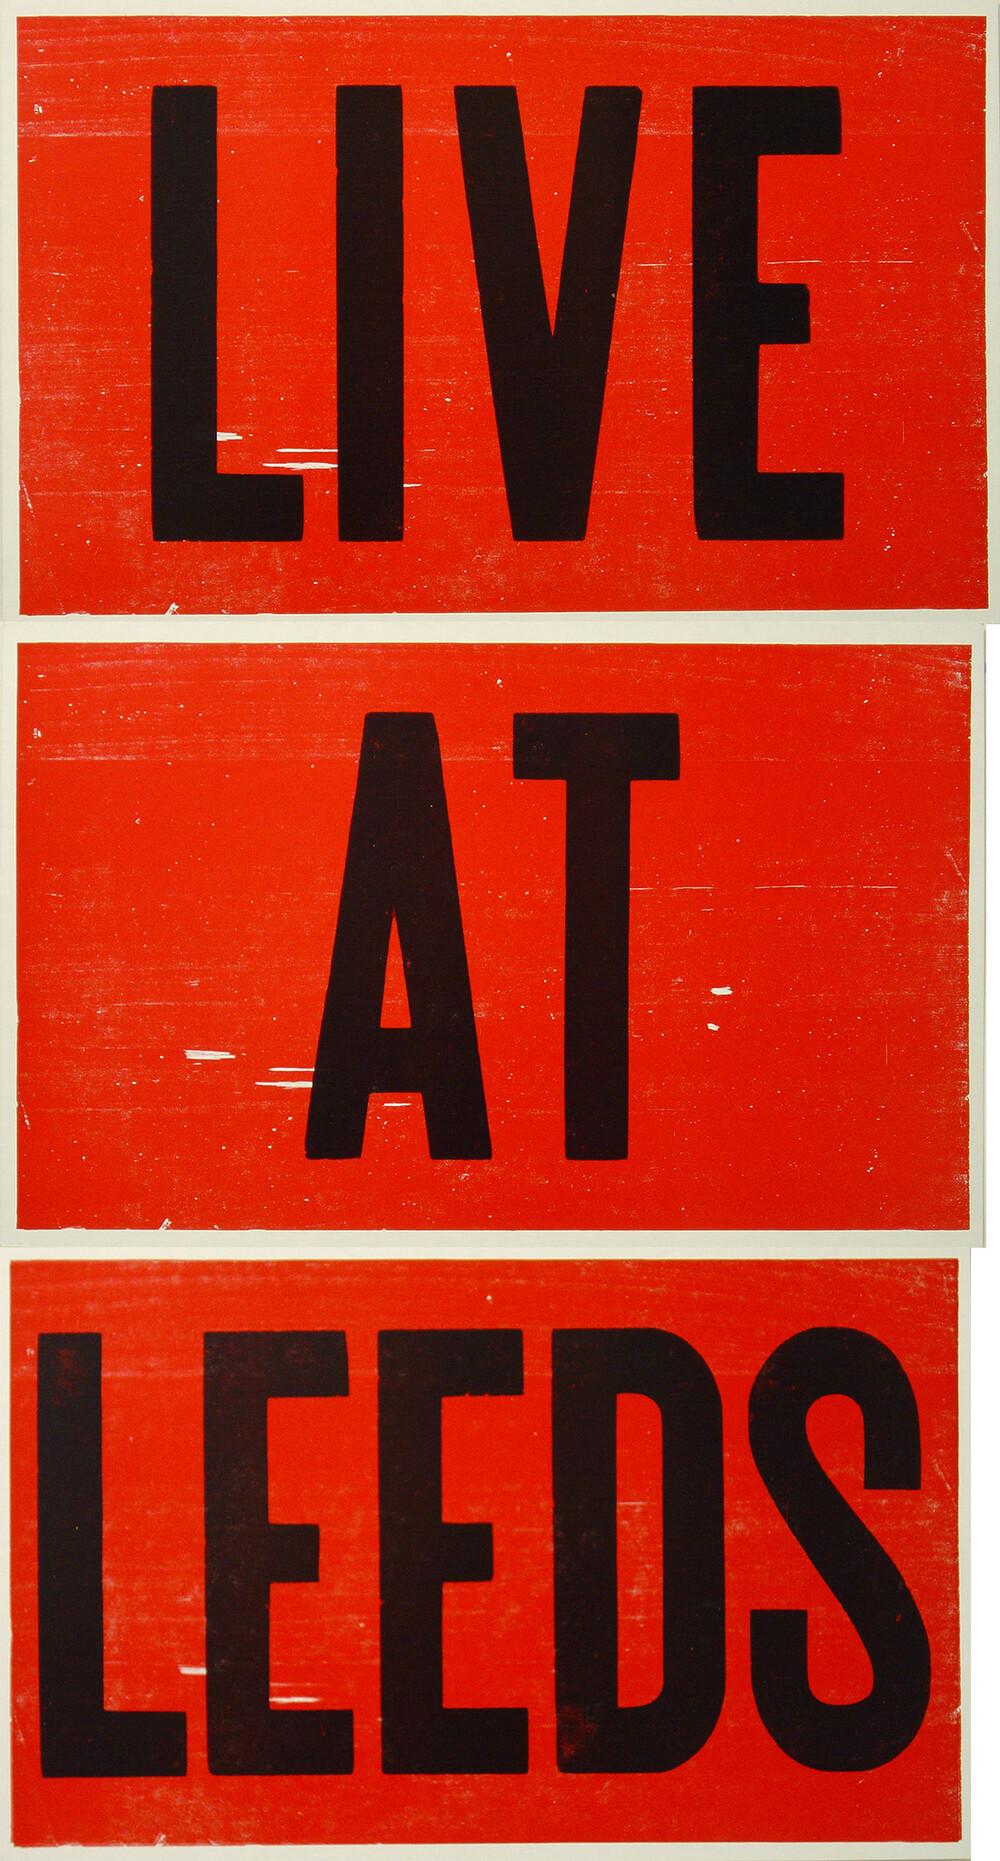 Live at Leeds - © Galerie des Galeries